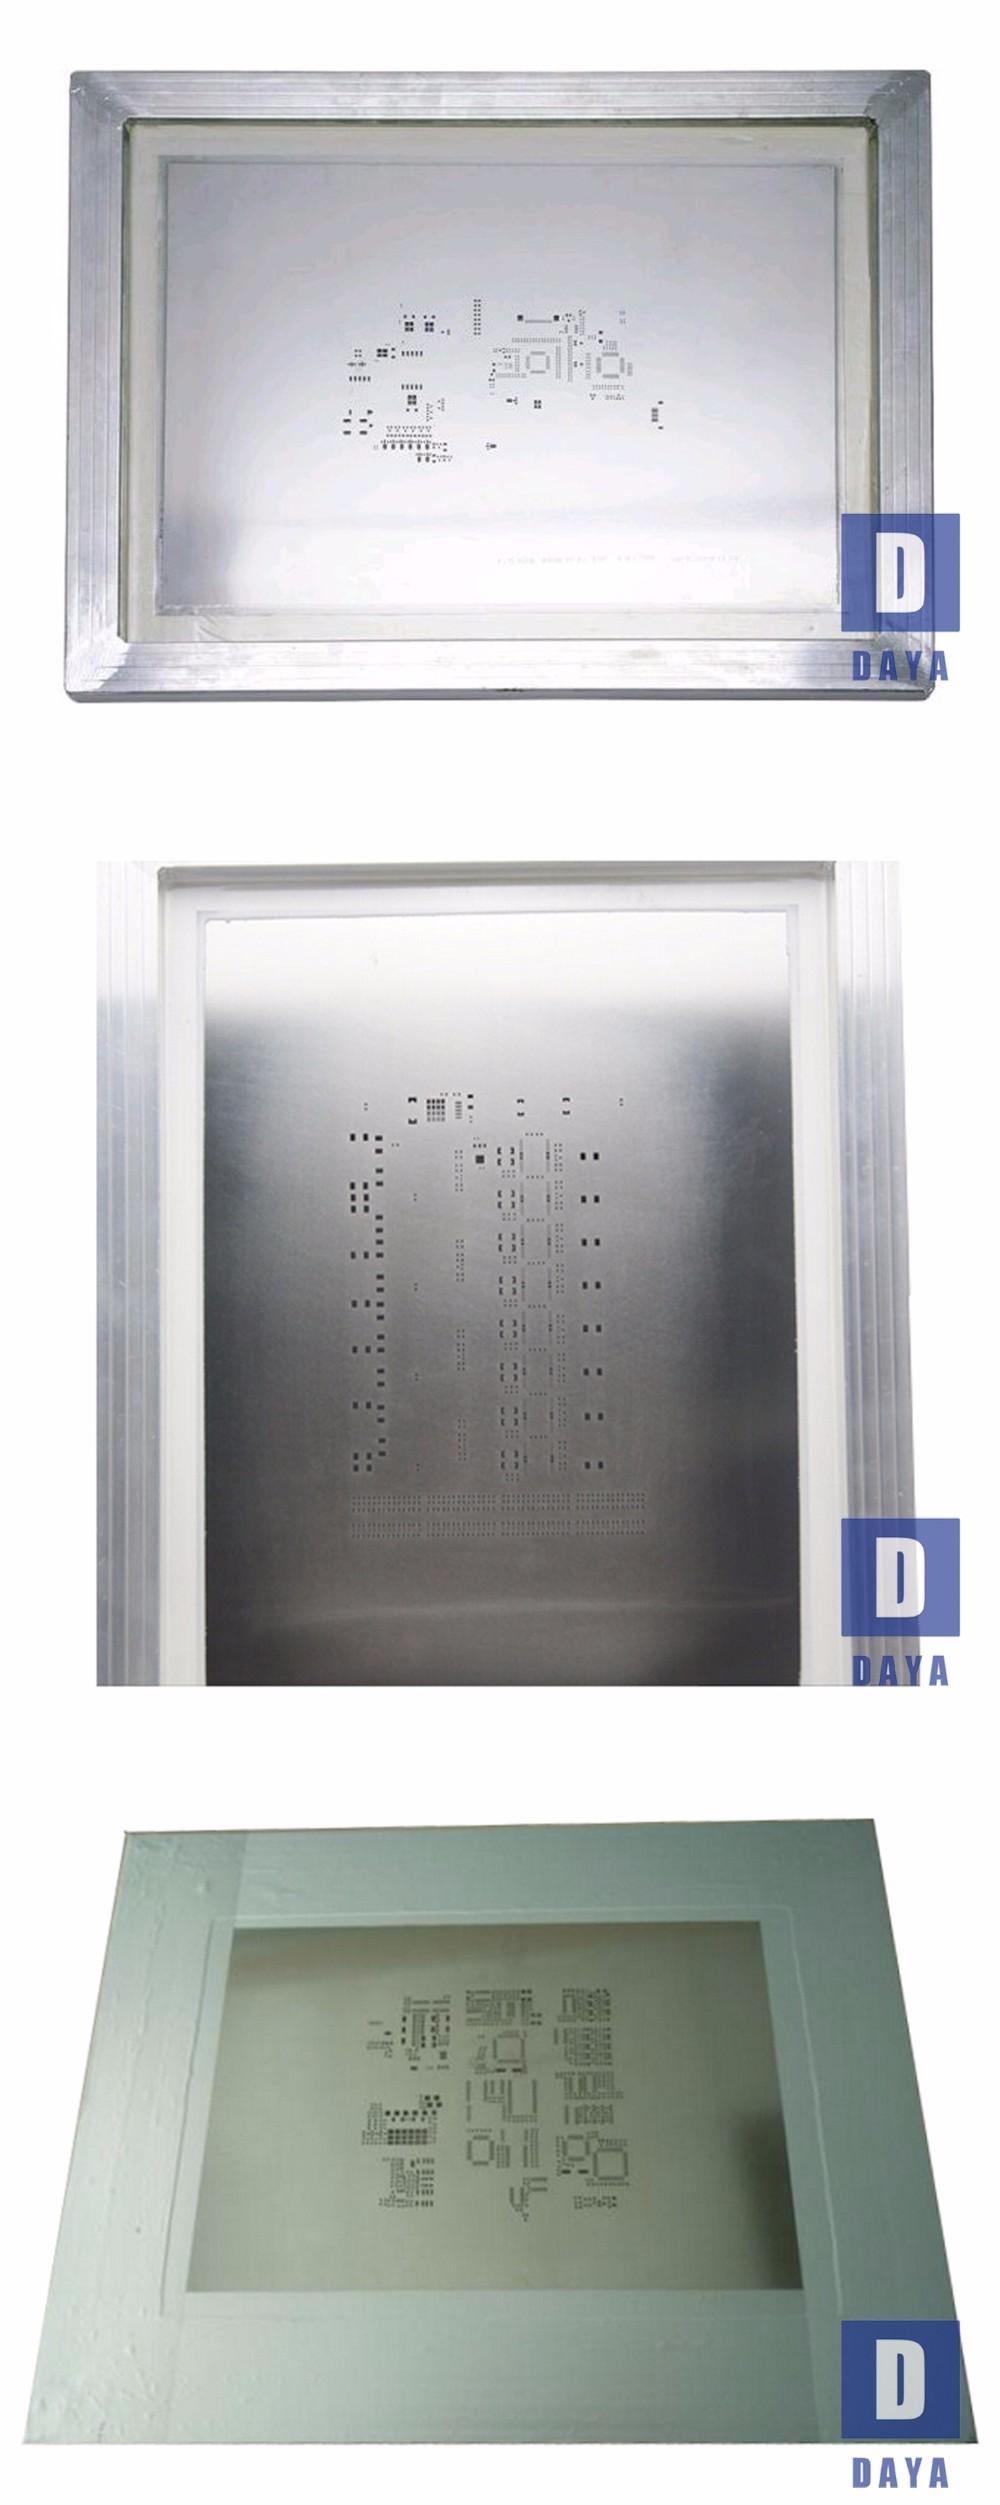 бесплатная доставка быстрого низкая стоимость FR4 спецификация изготовление прототипа печатной платы, алюминий печатной платы, гибкий, гибкие печатные платы, mcpcb для того, паяльная паста трафарет, no057